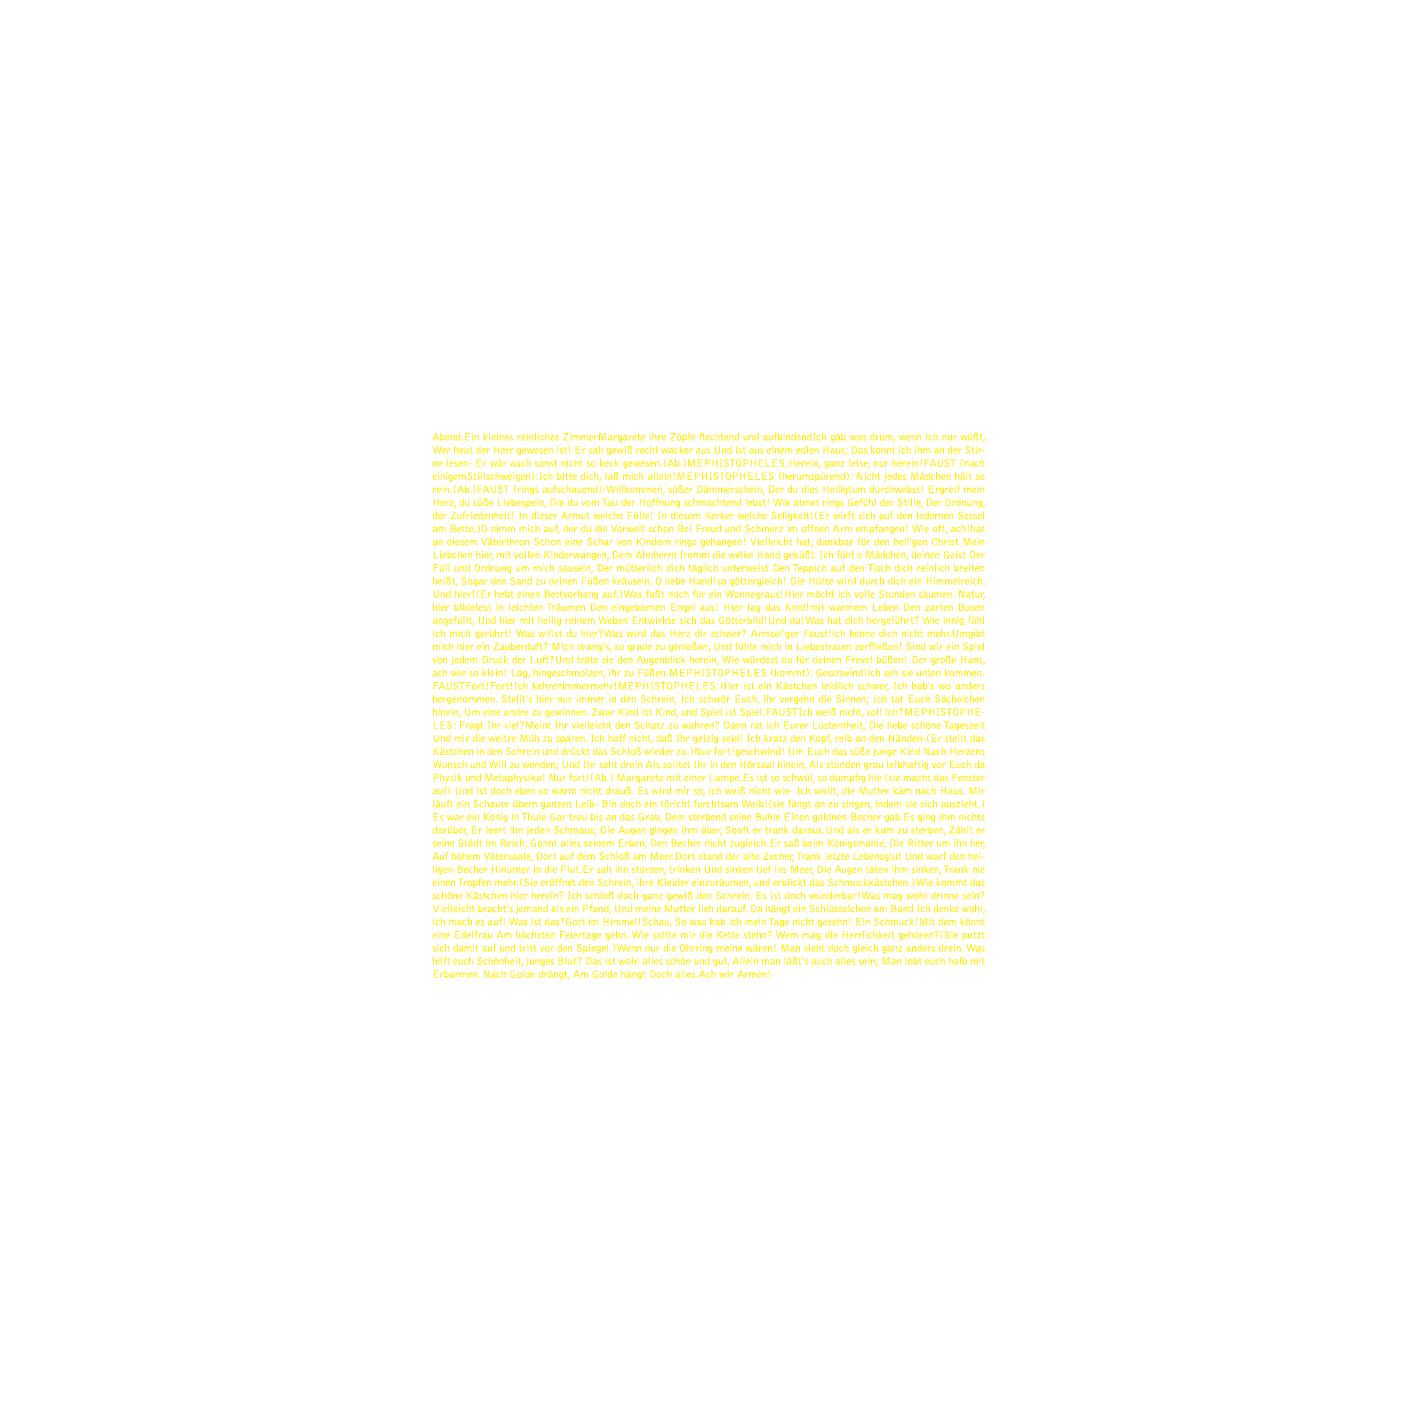 Faustisches Quadrat - Kap Einl_u_Hauptteil einzel11